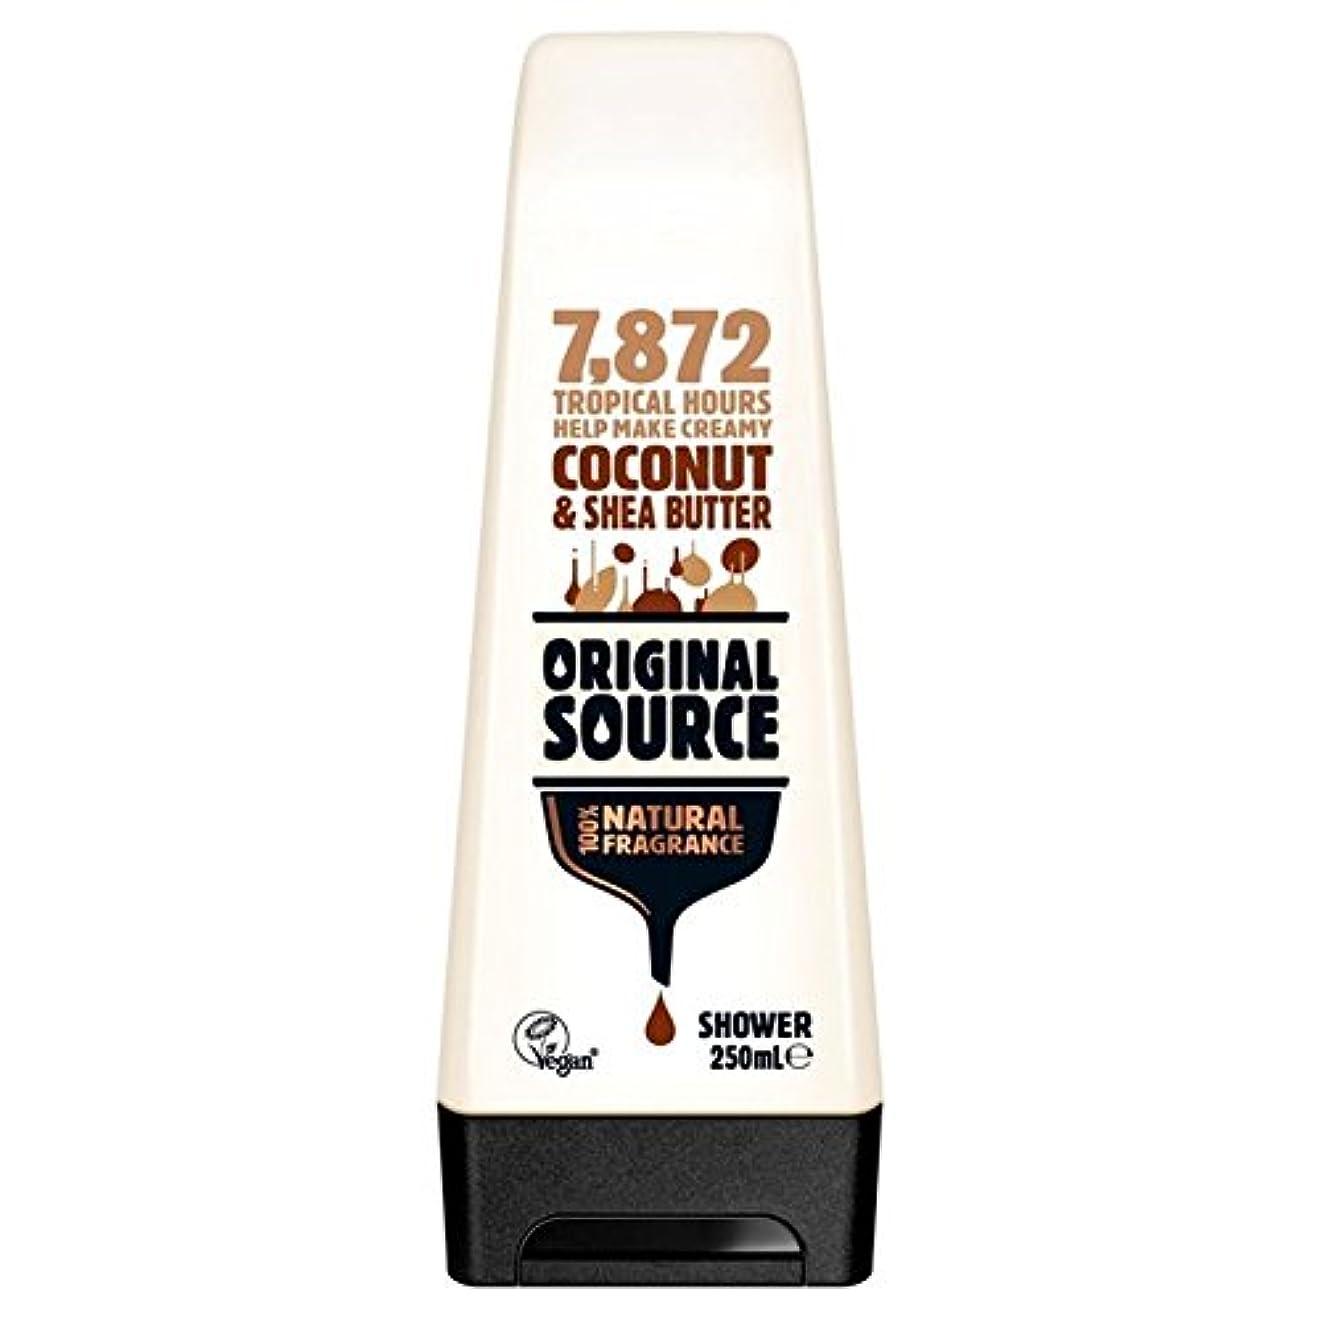 磁器スプーン阻害するOriginal Source Moisturising Coconut & Shea Butter Shower Gel 250ml - 元のソース保湿ココナッツ&シアバターシャワージェル250ミリリットル [並行輸入品]